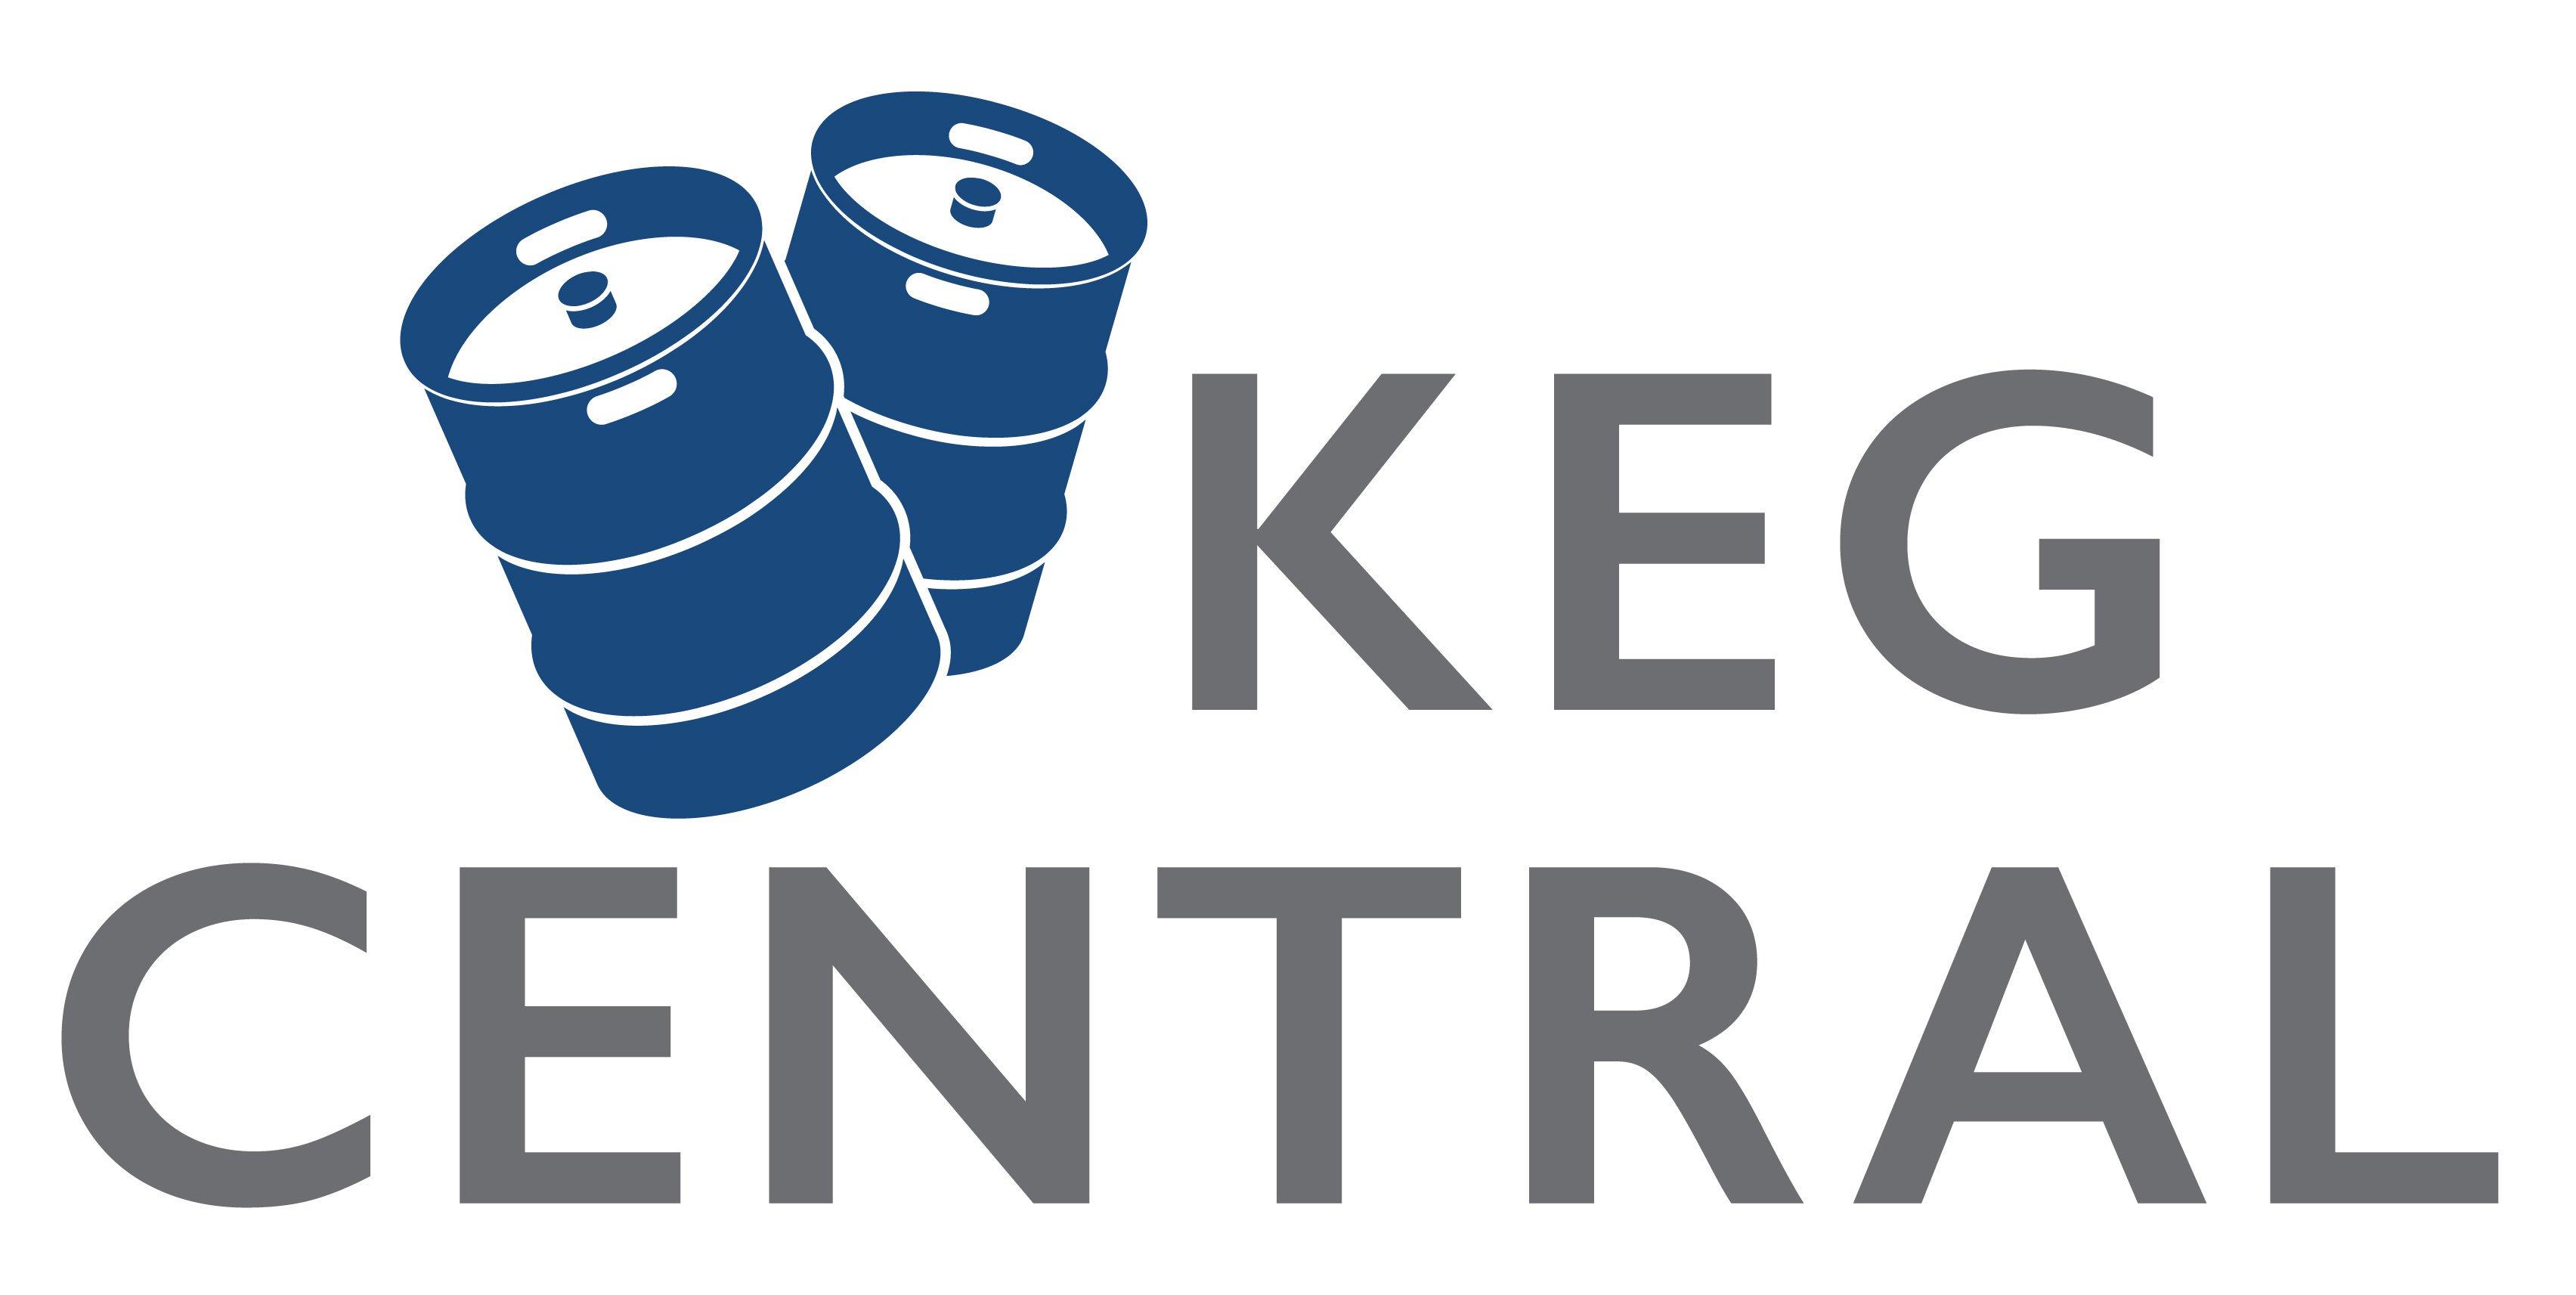 KEG CENTRAL